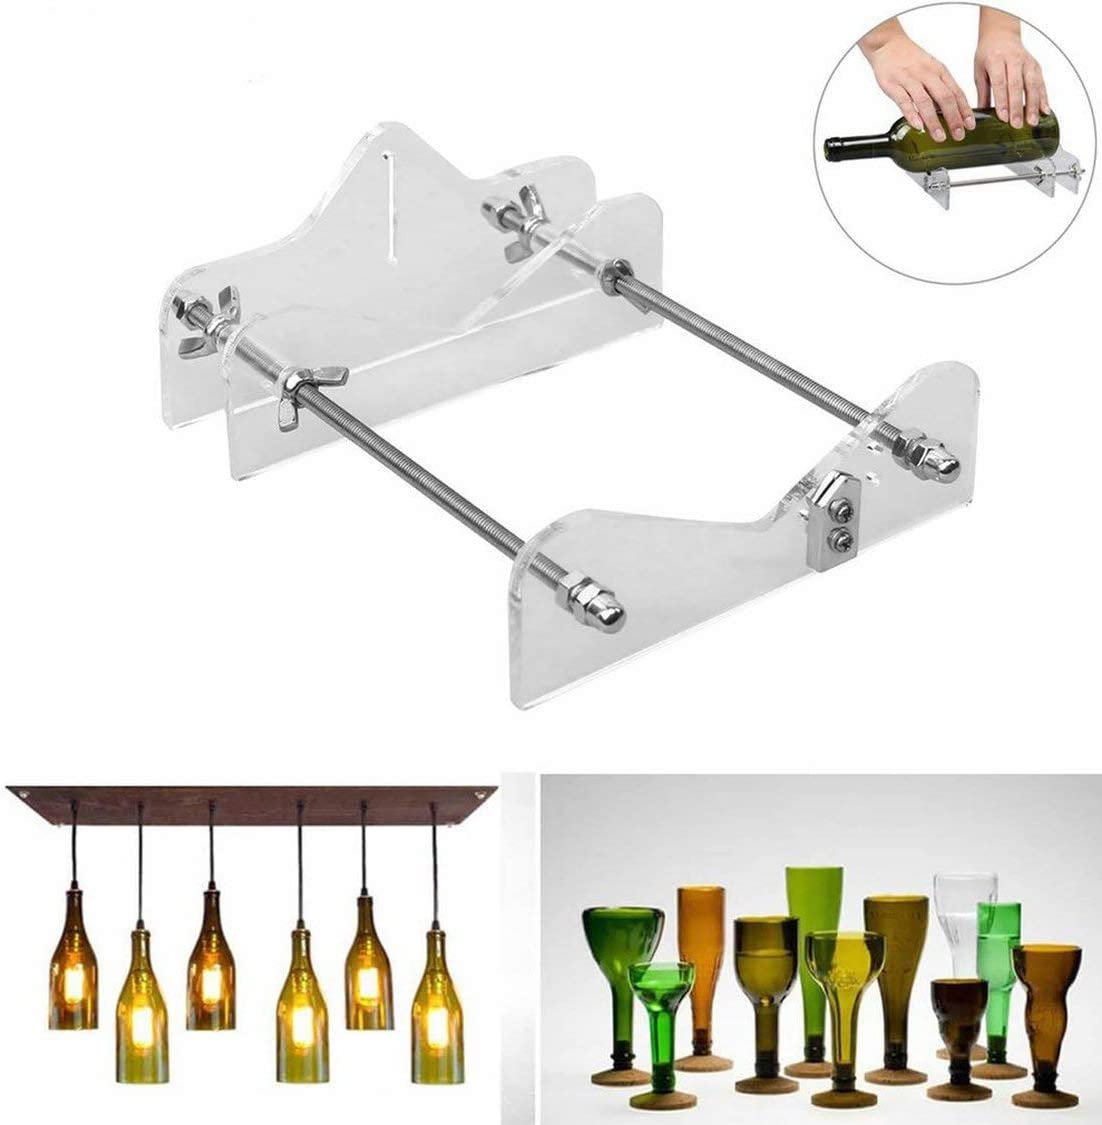 Transparent Glasflaschenschneider-Werkzeug Professionell zum Flaschenschneiden Glasflaschenschneider-Schneidwerkzeuge Maschine Weinbier